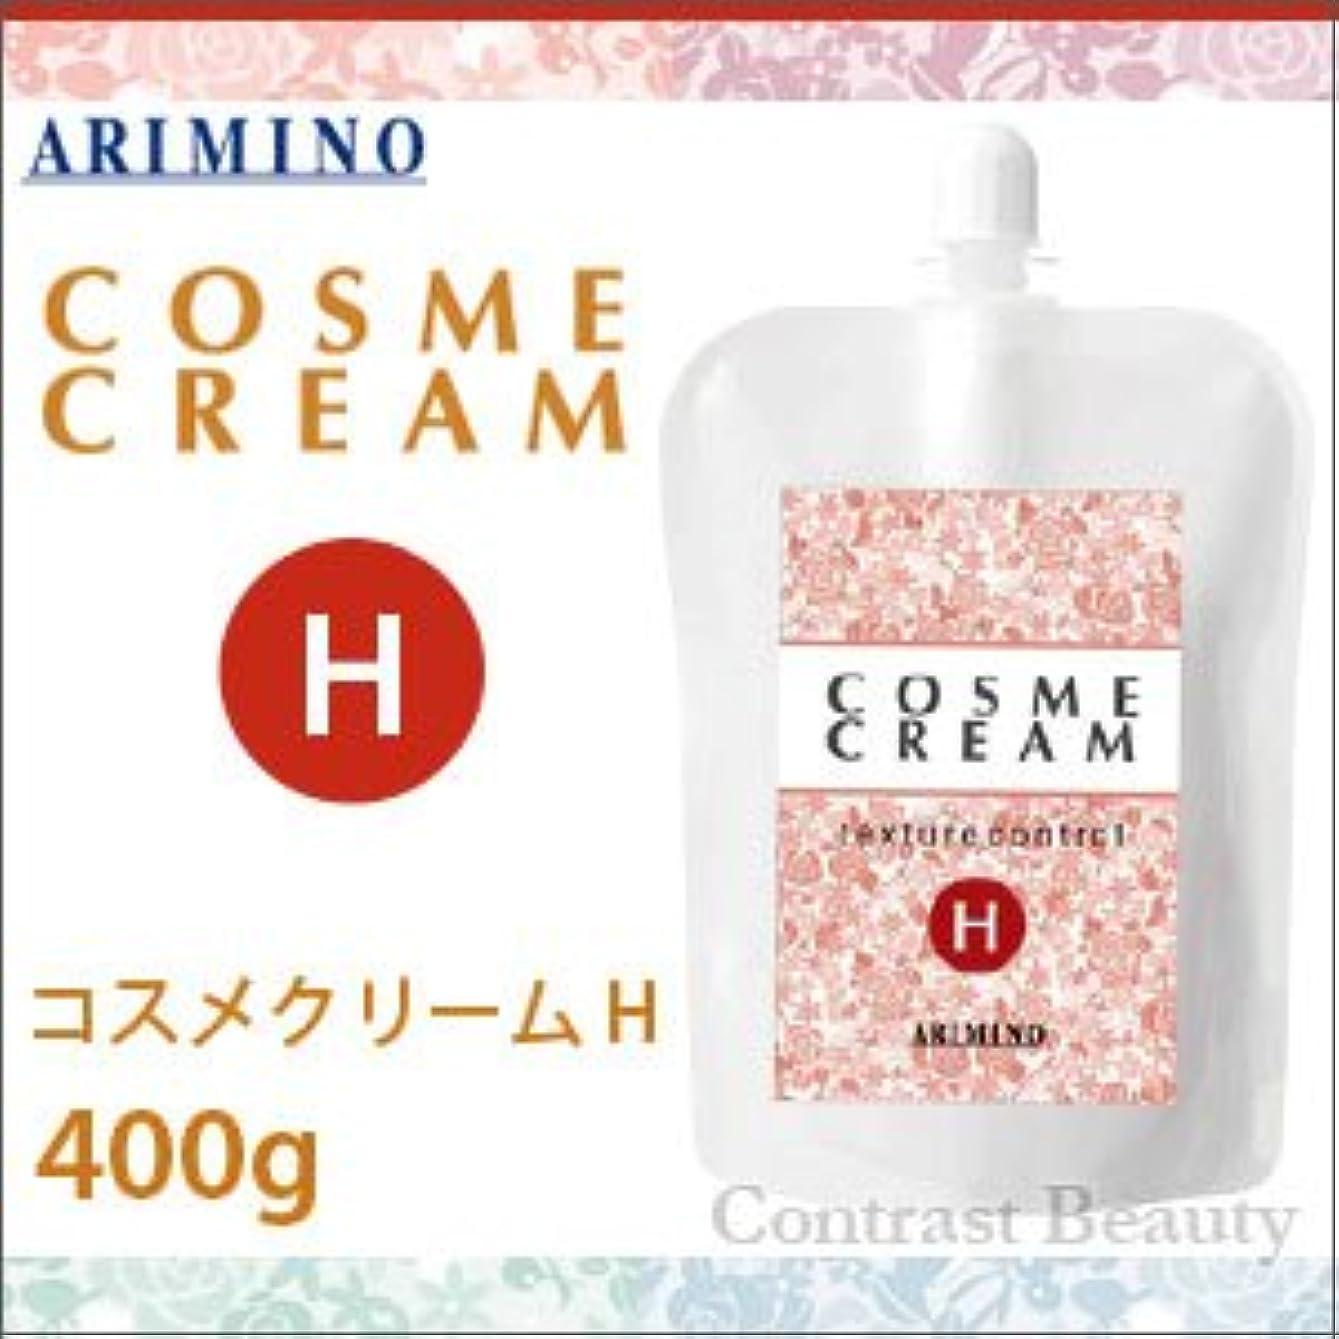 モンク時代遅れ老人【X4個セット】 アリミノ コスメクリーム H 400g